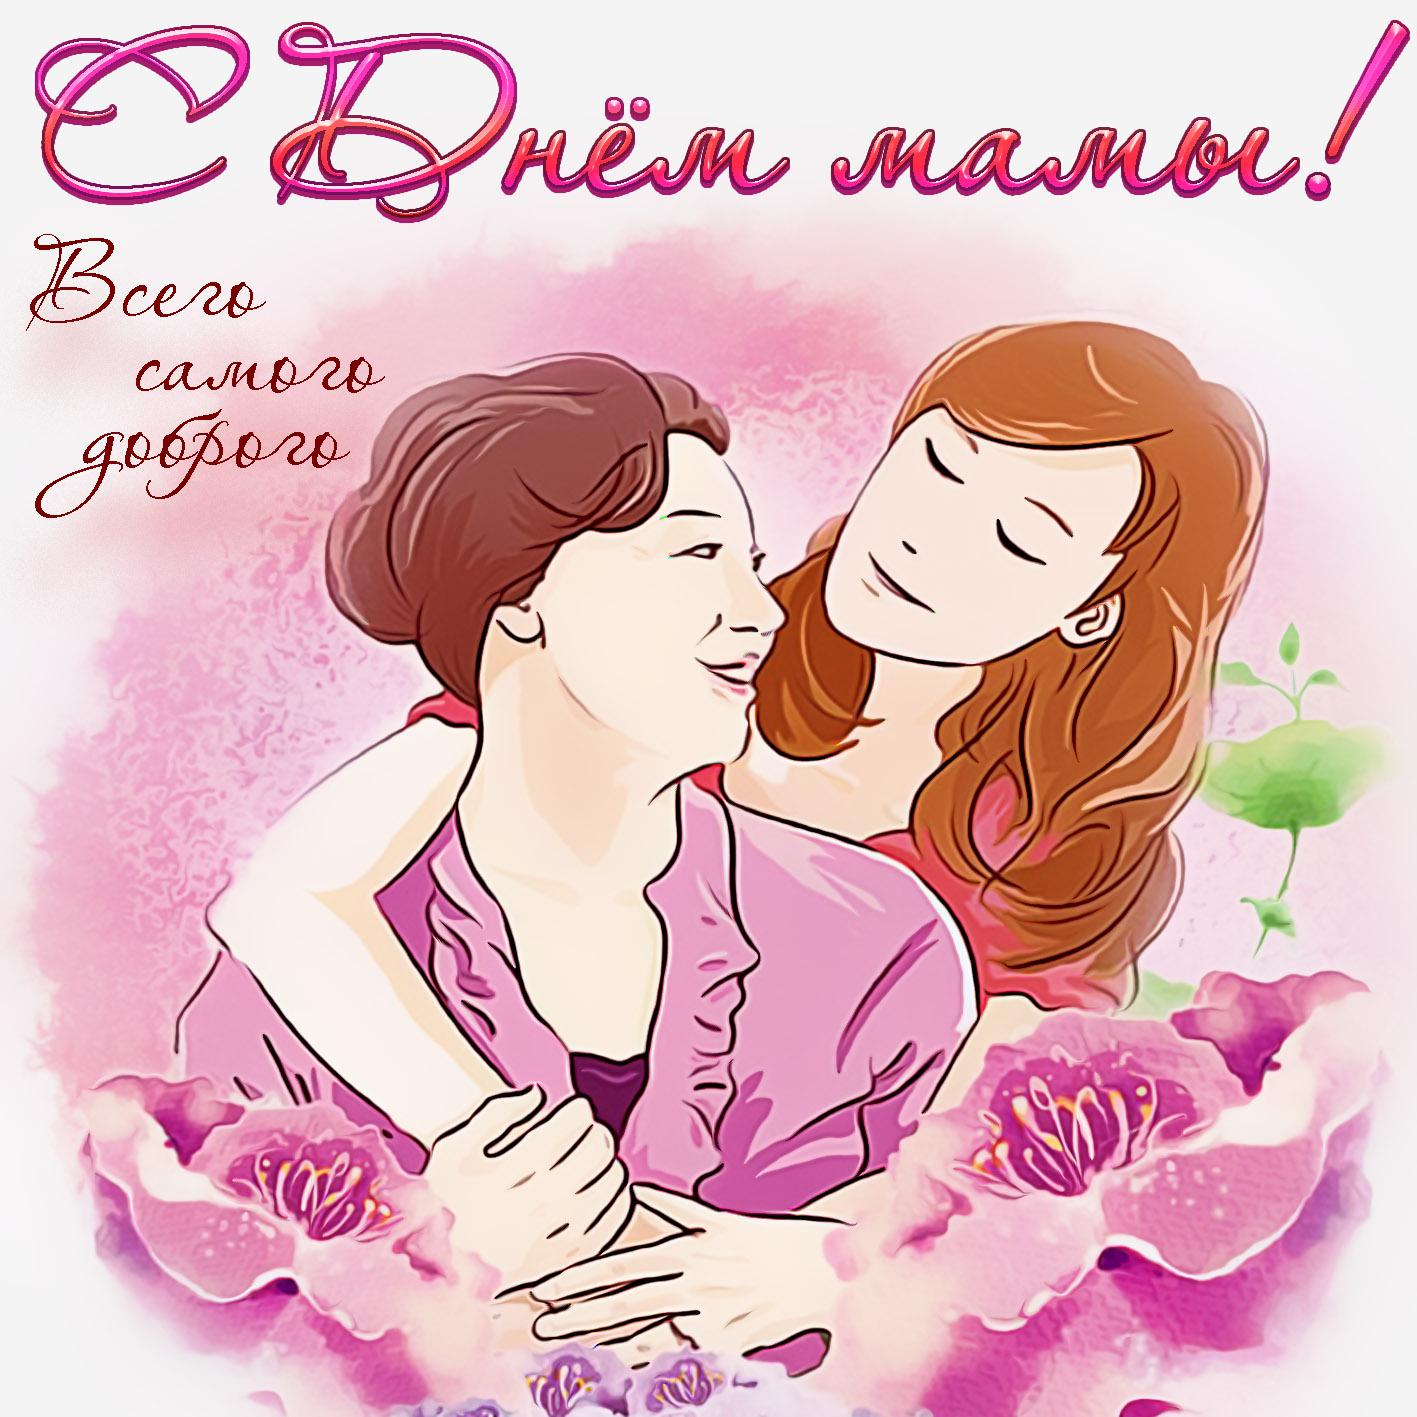 Надписью, картинки для оформления открытки ко дню матери